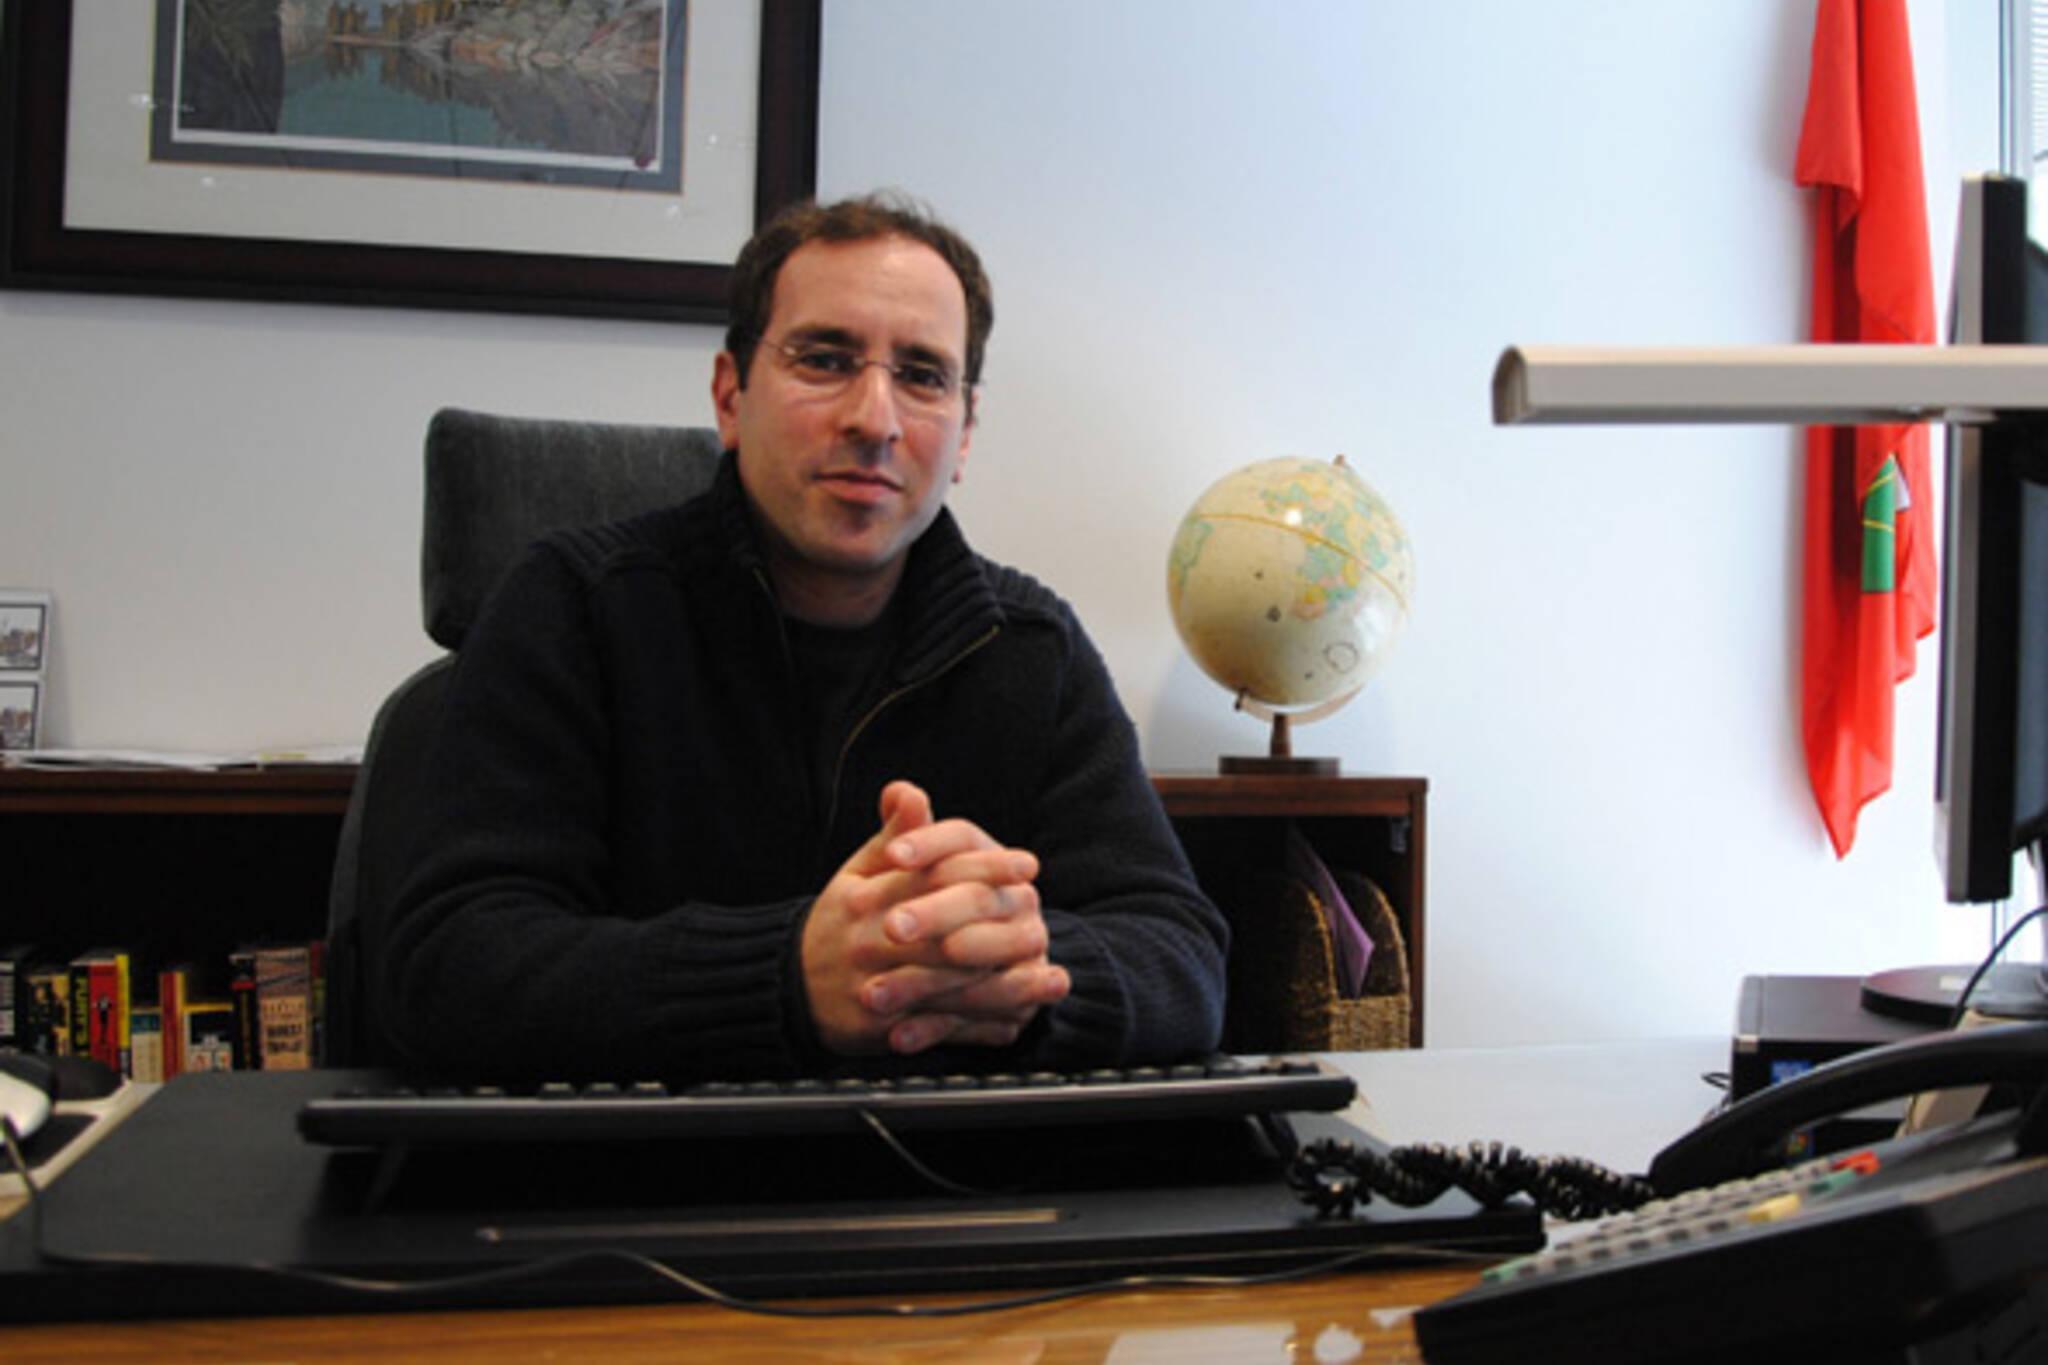 Toronto councillor Josh-Matlow